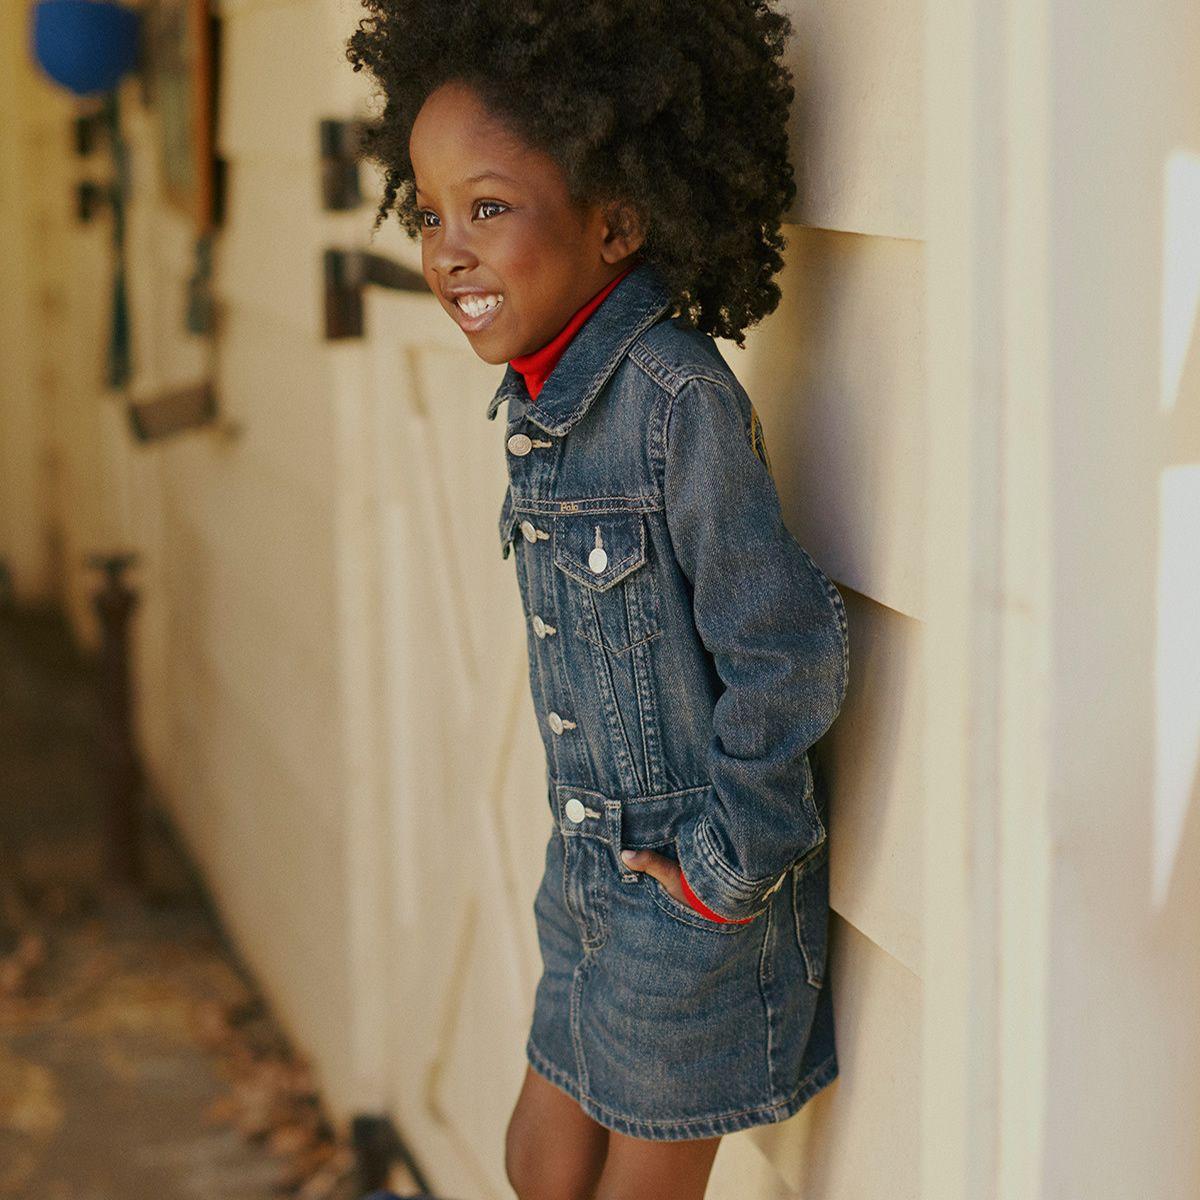 782819d71de Ralph Lauren Kids Clothing - Macy's